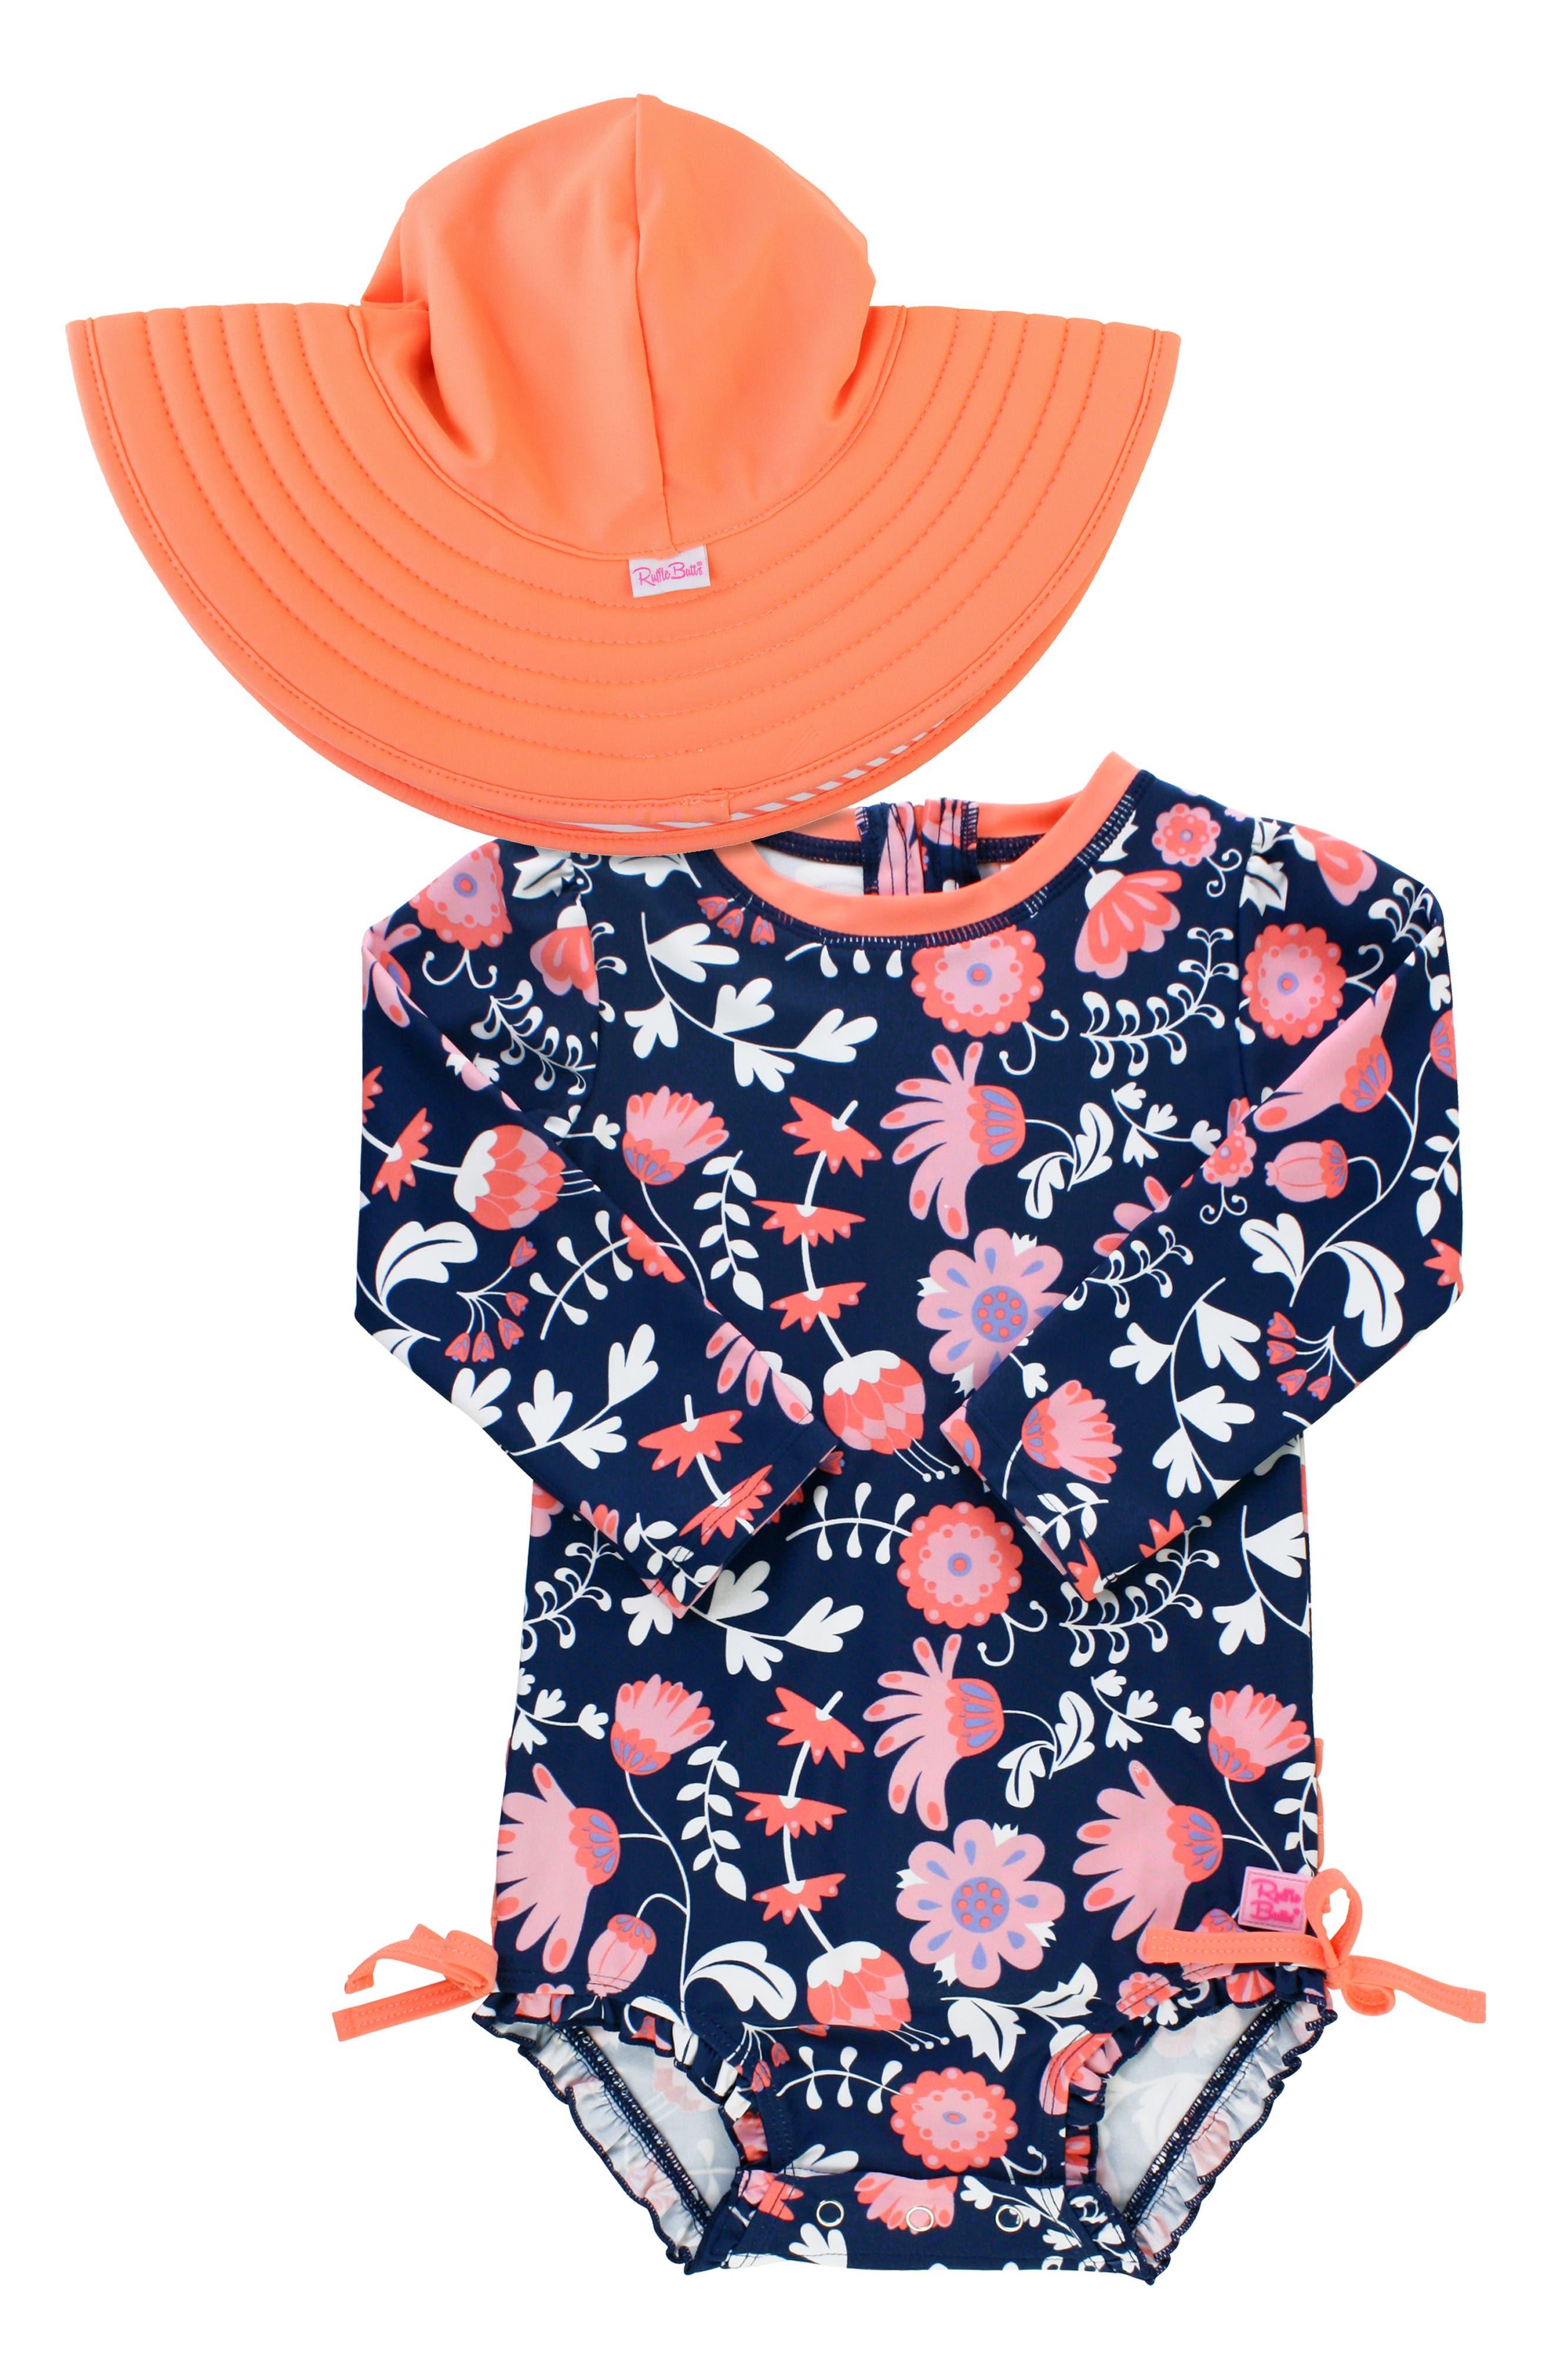 8584b415fac baby sun hat